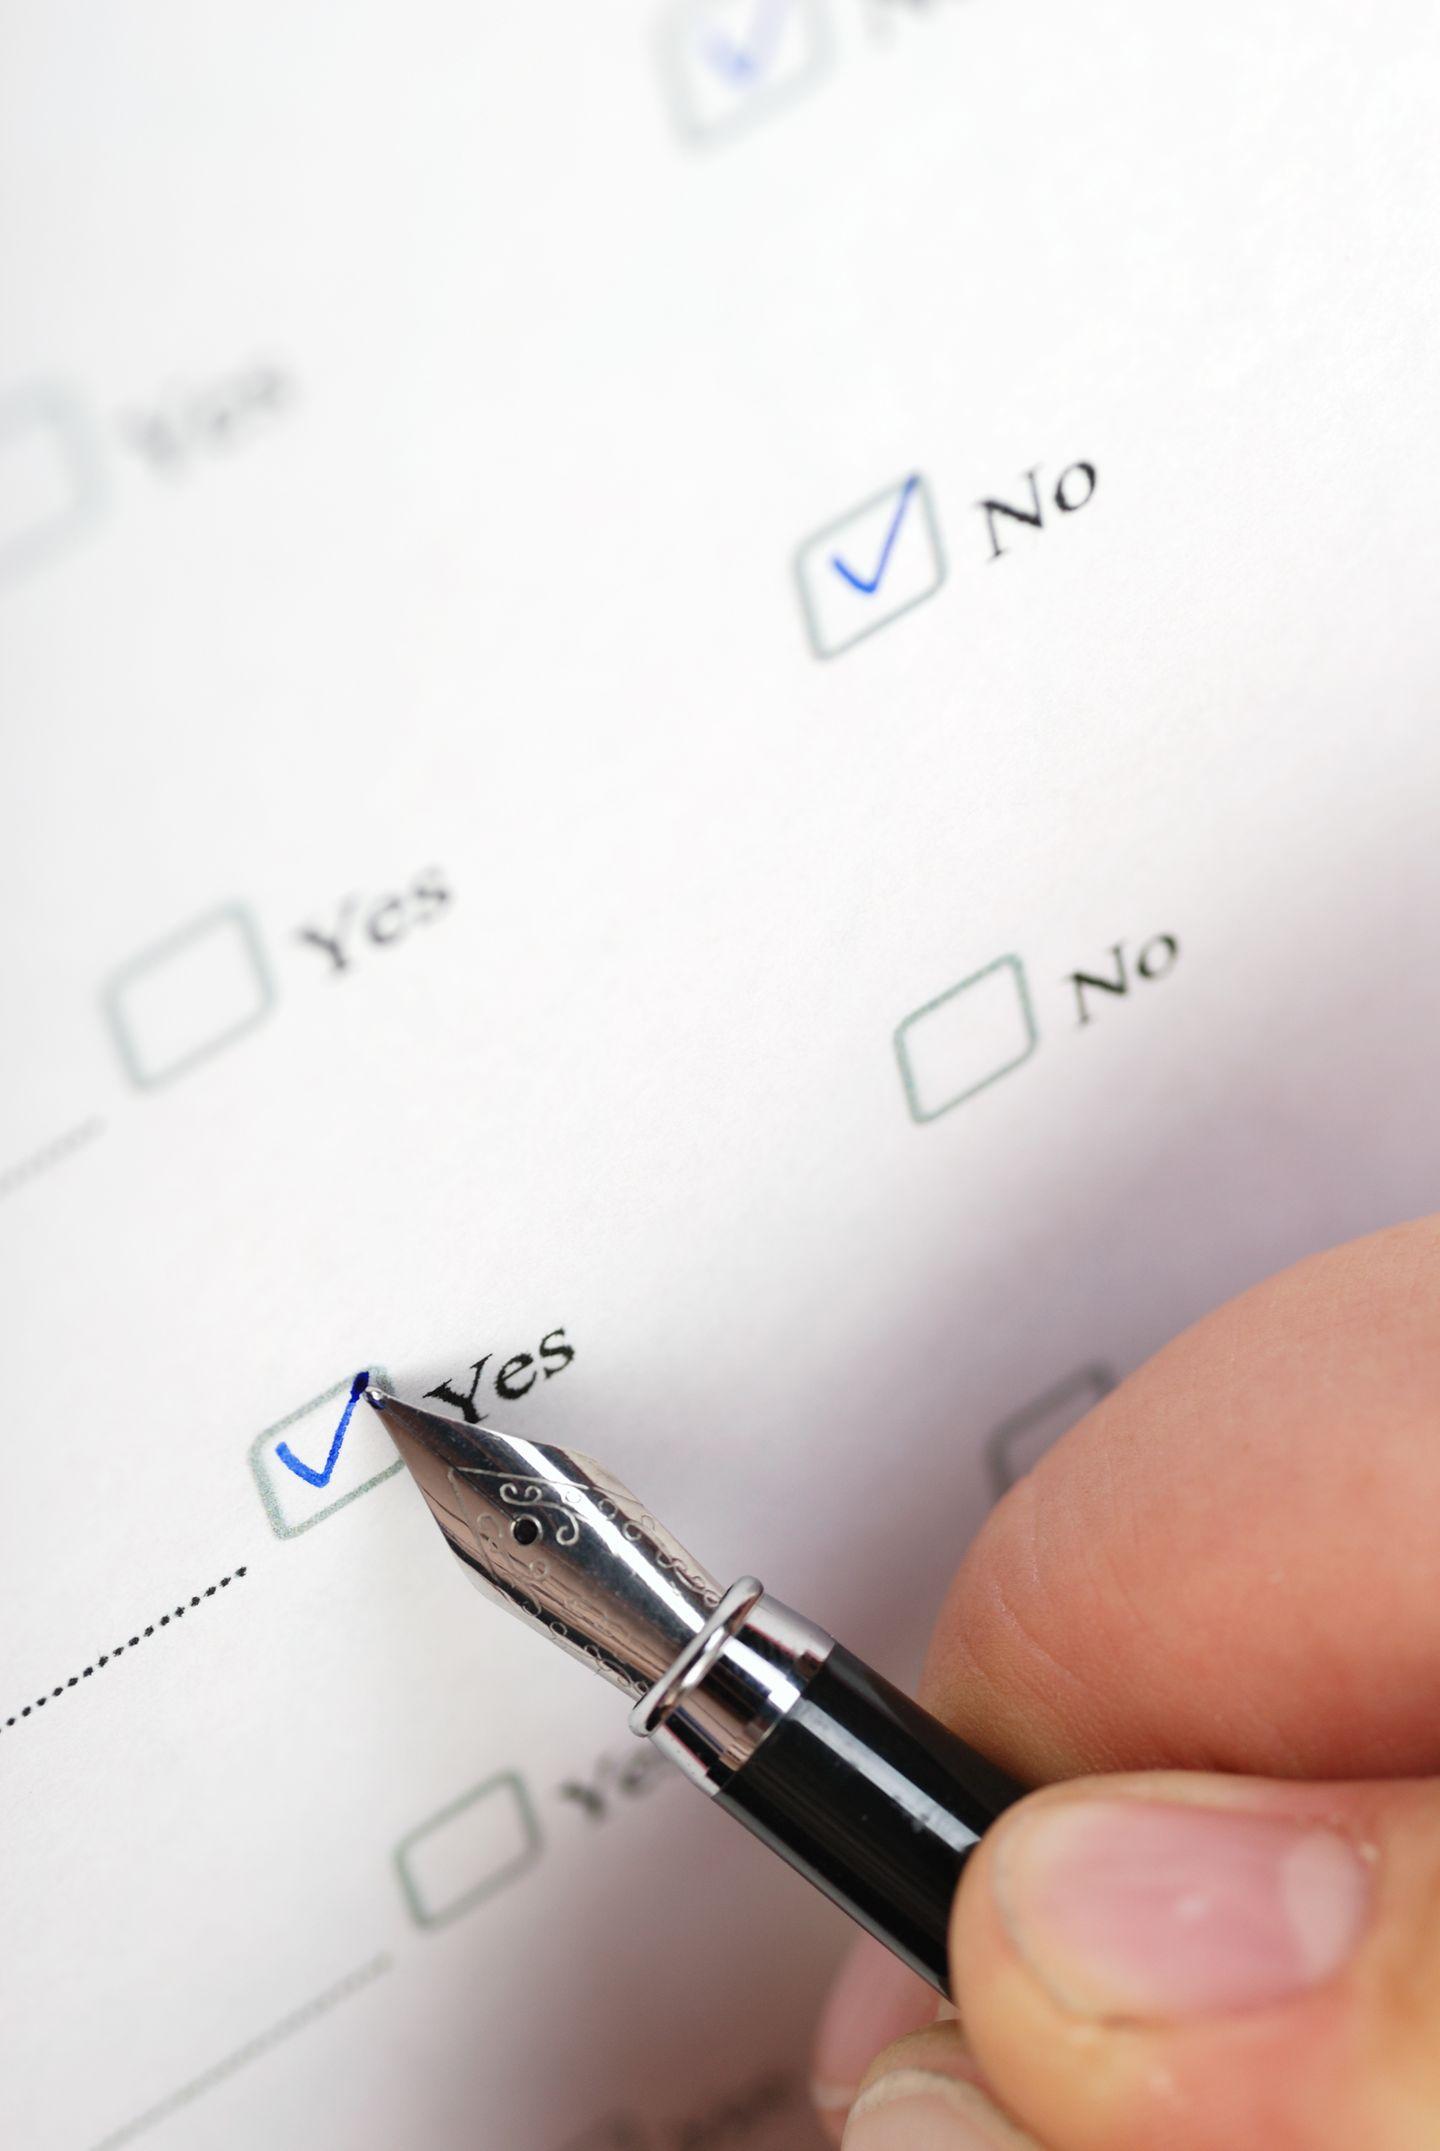 Schreiben Sie Ihre Symptome auf. Gut geht das mit vorgefertigten Fragebögen wie etwa dem Kieler Kopfschmerzfragebogen